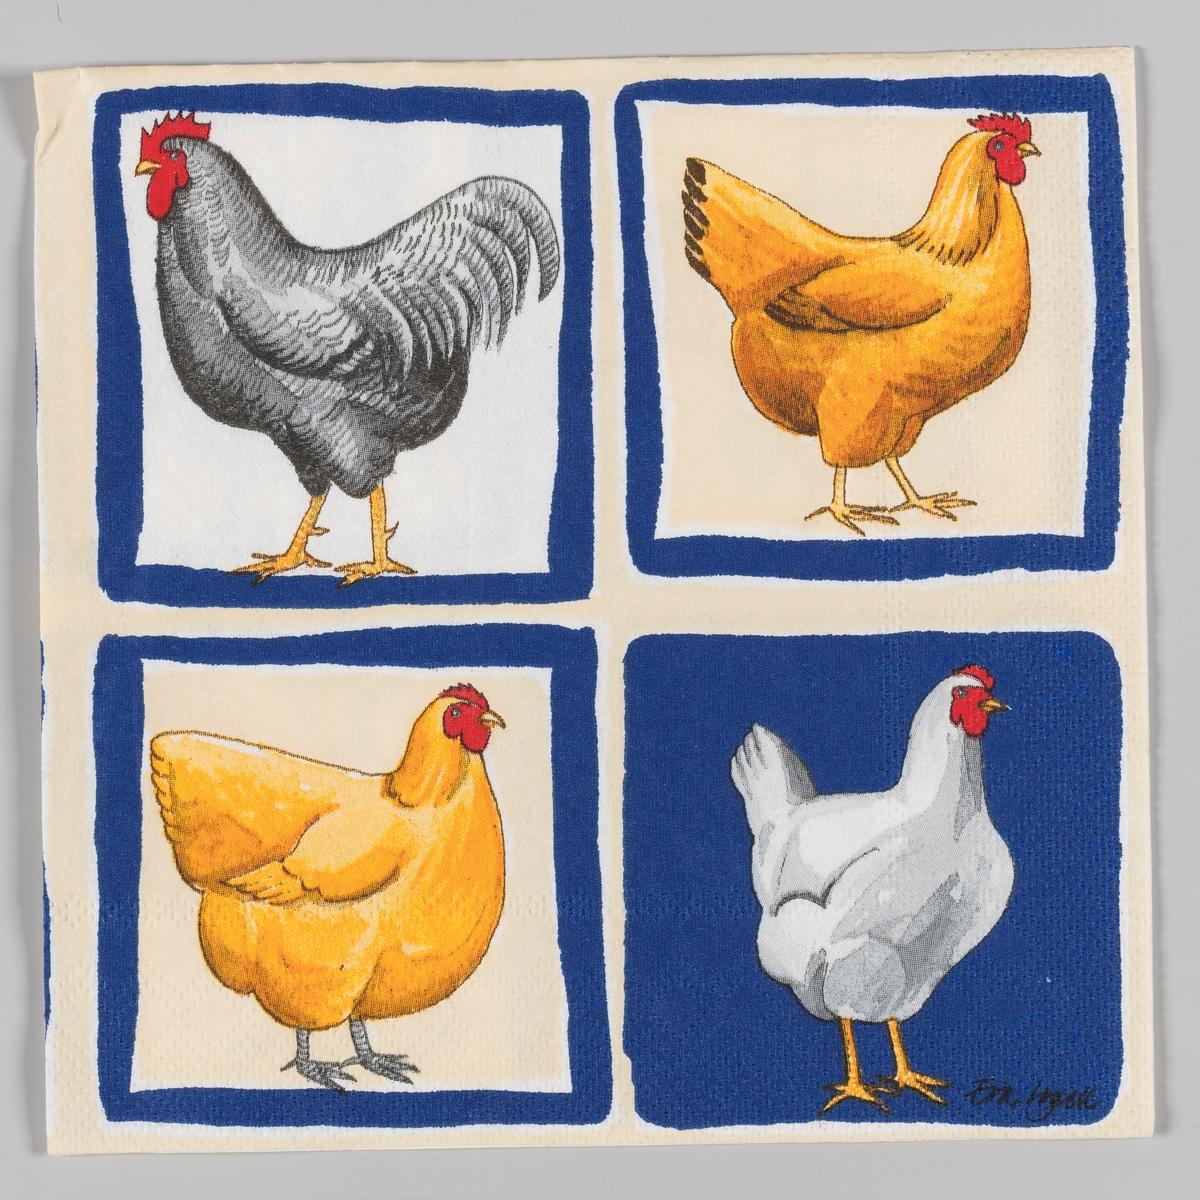 Servietten er delt inn i fire felter med hvert sitt motiv. En grå høne. En hvit hane. En hvit høne. En brun høne.